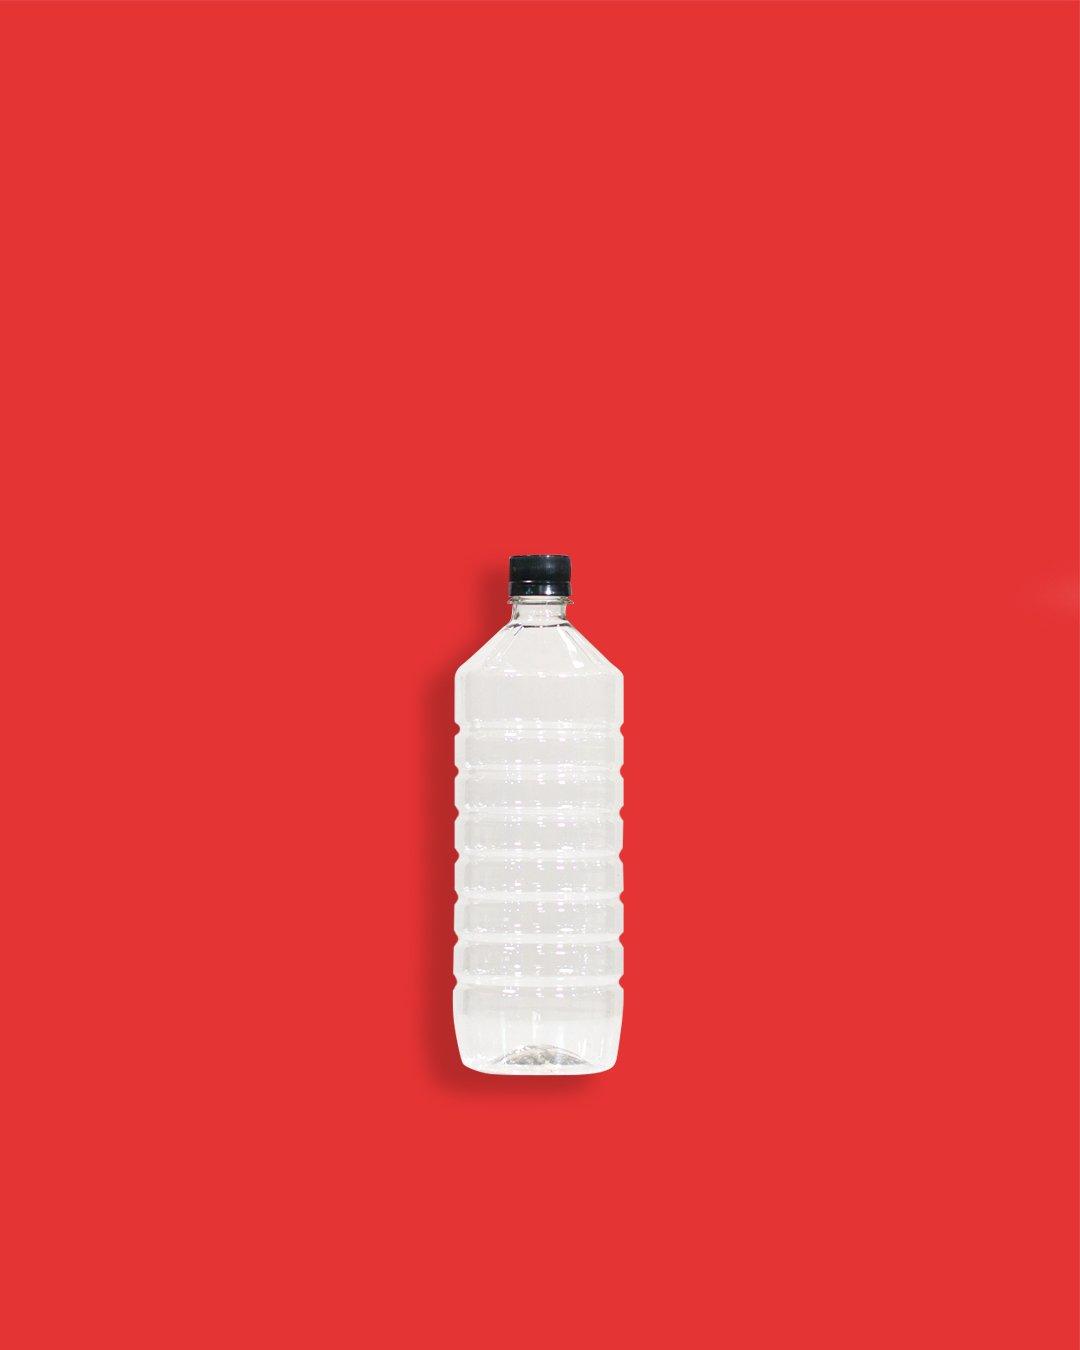 envases pet quimico